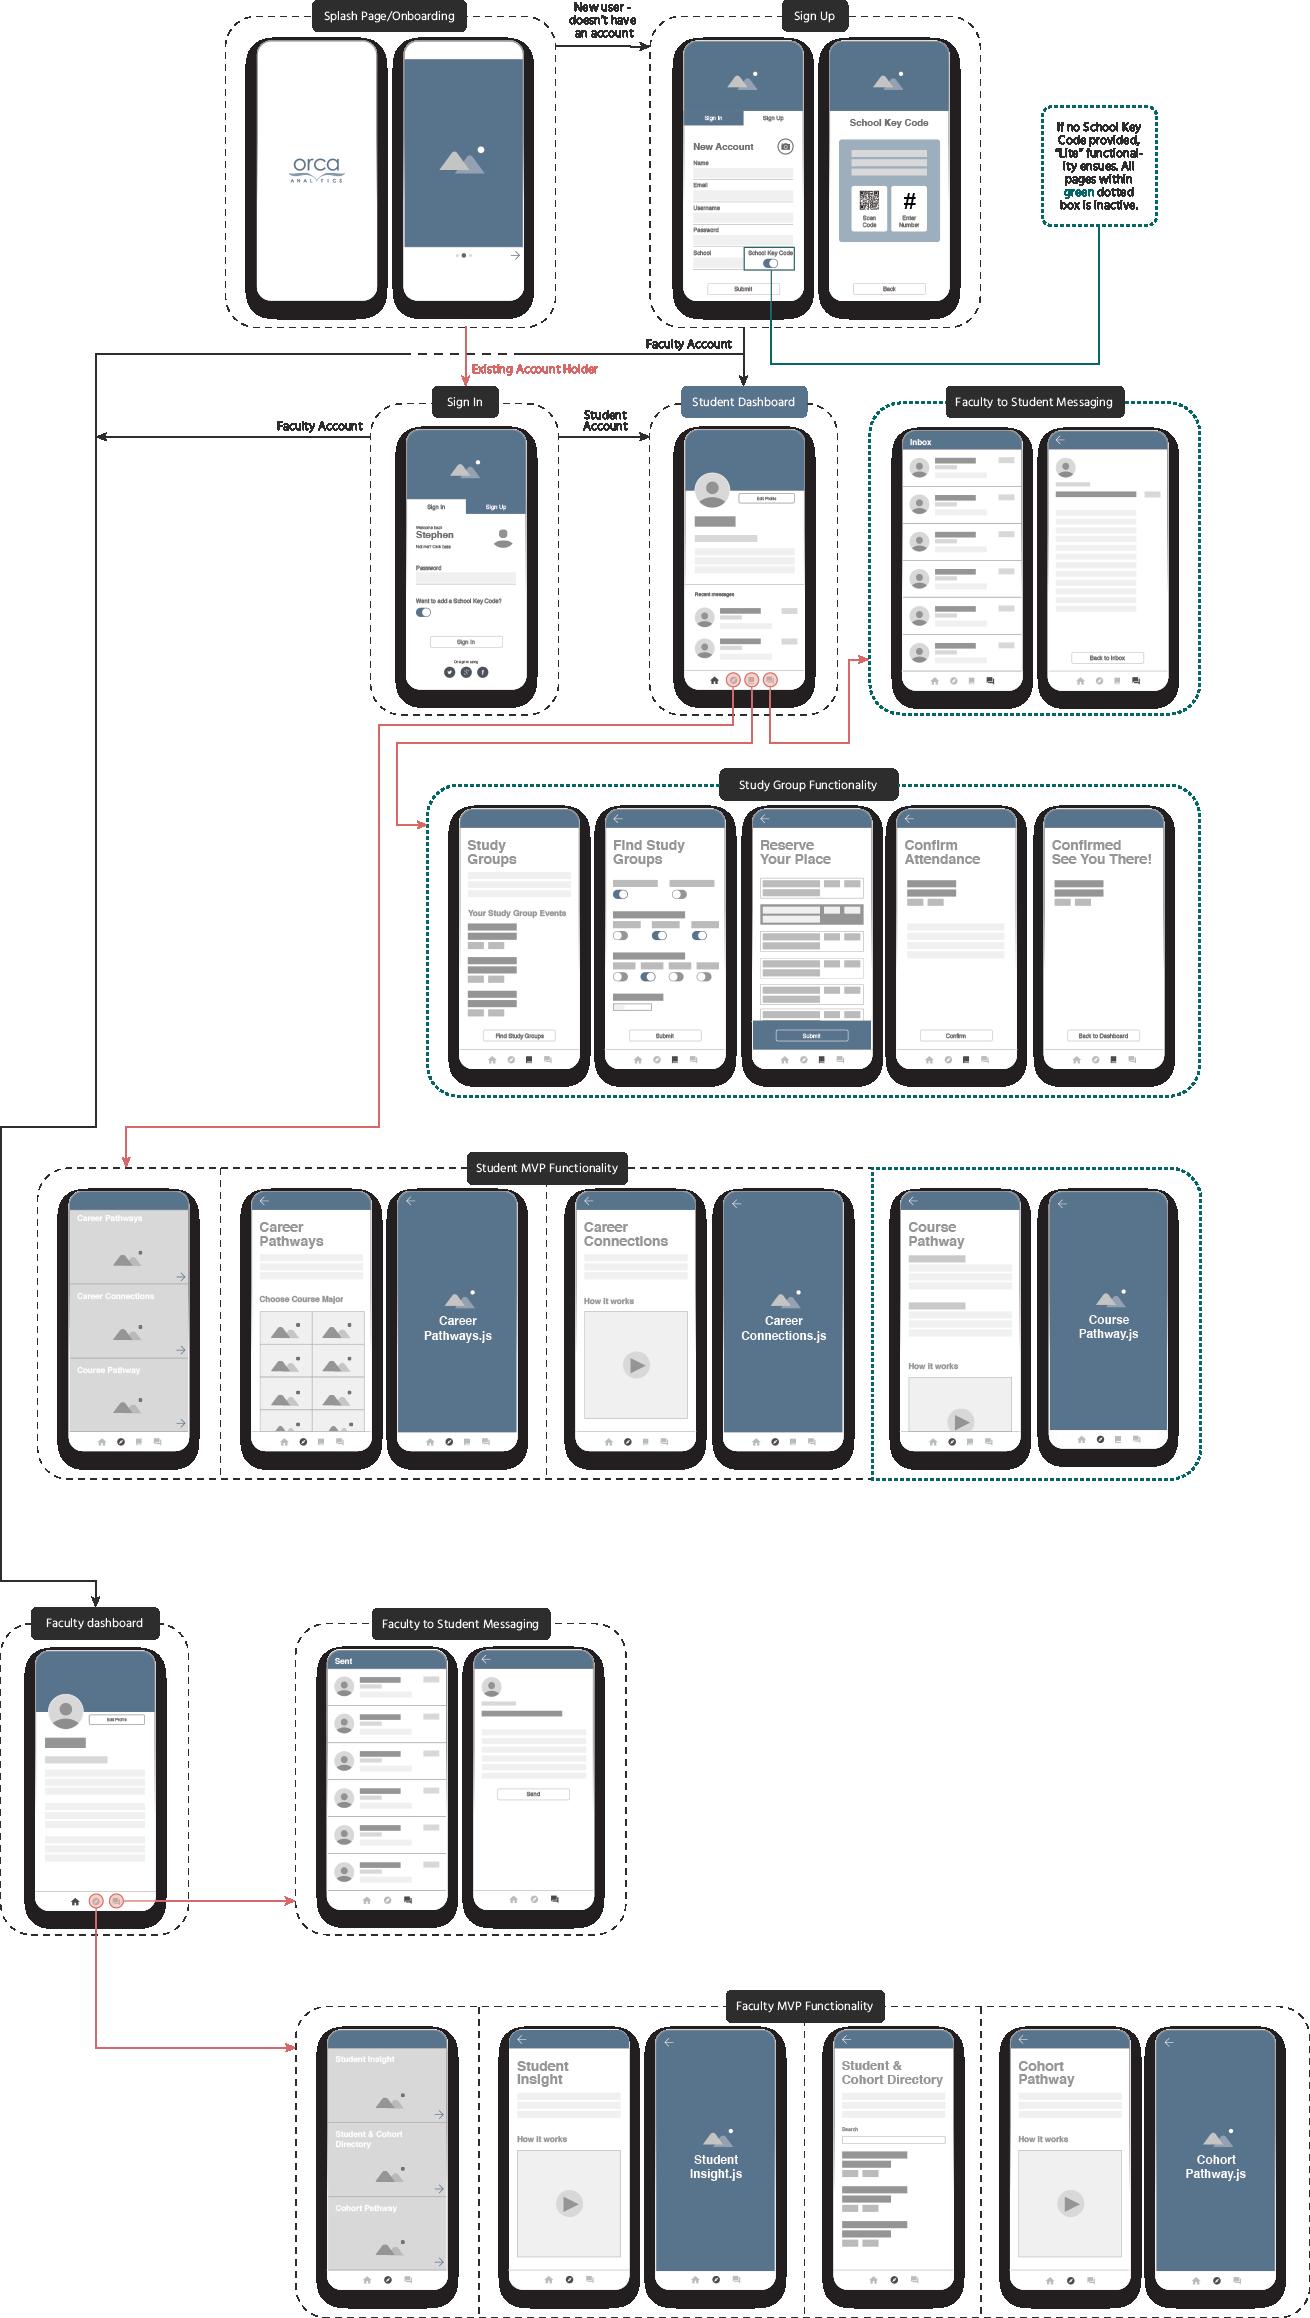 orca-user-flow